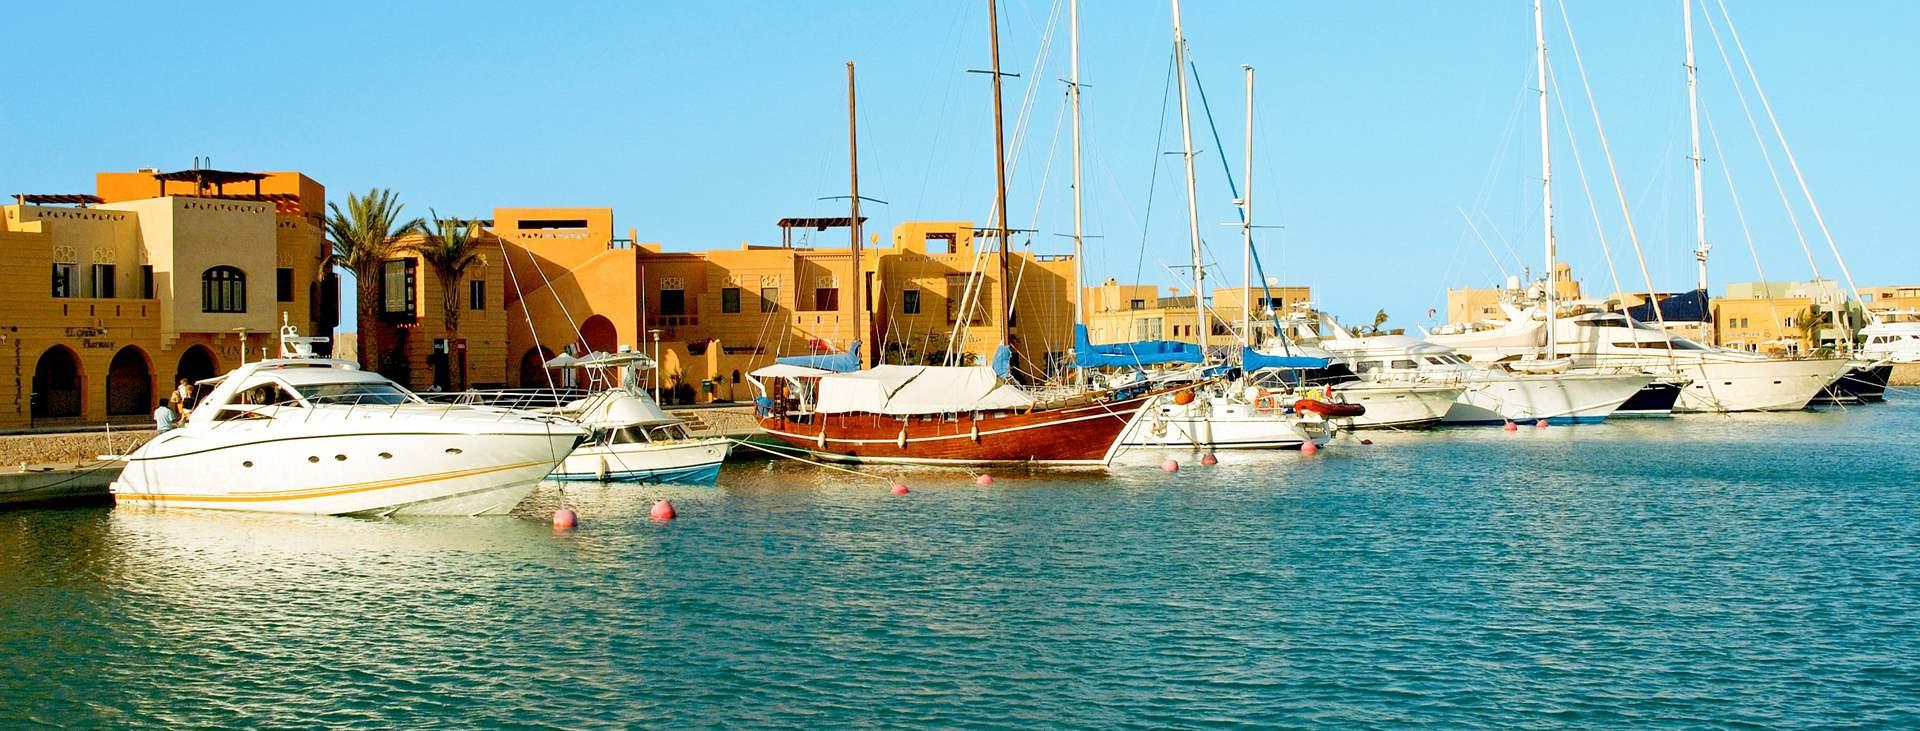 Spela golf i Egypten – Boka en resa till El Gouna